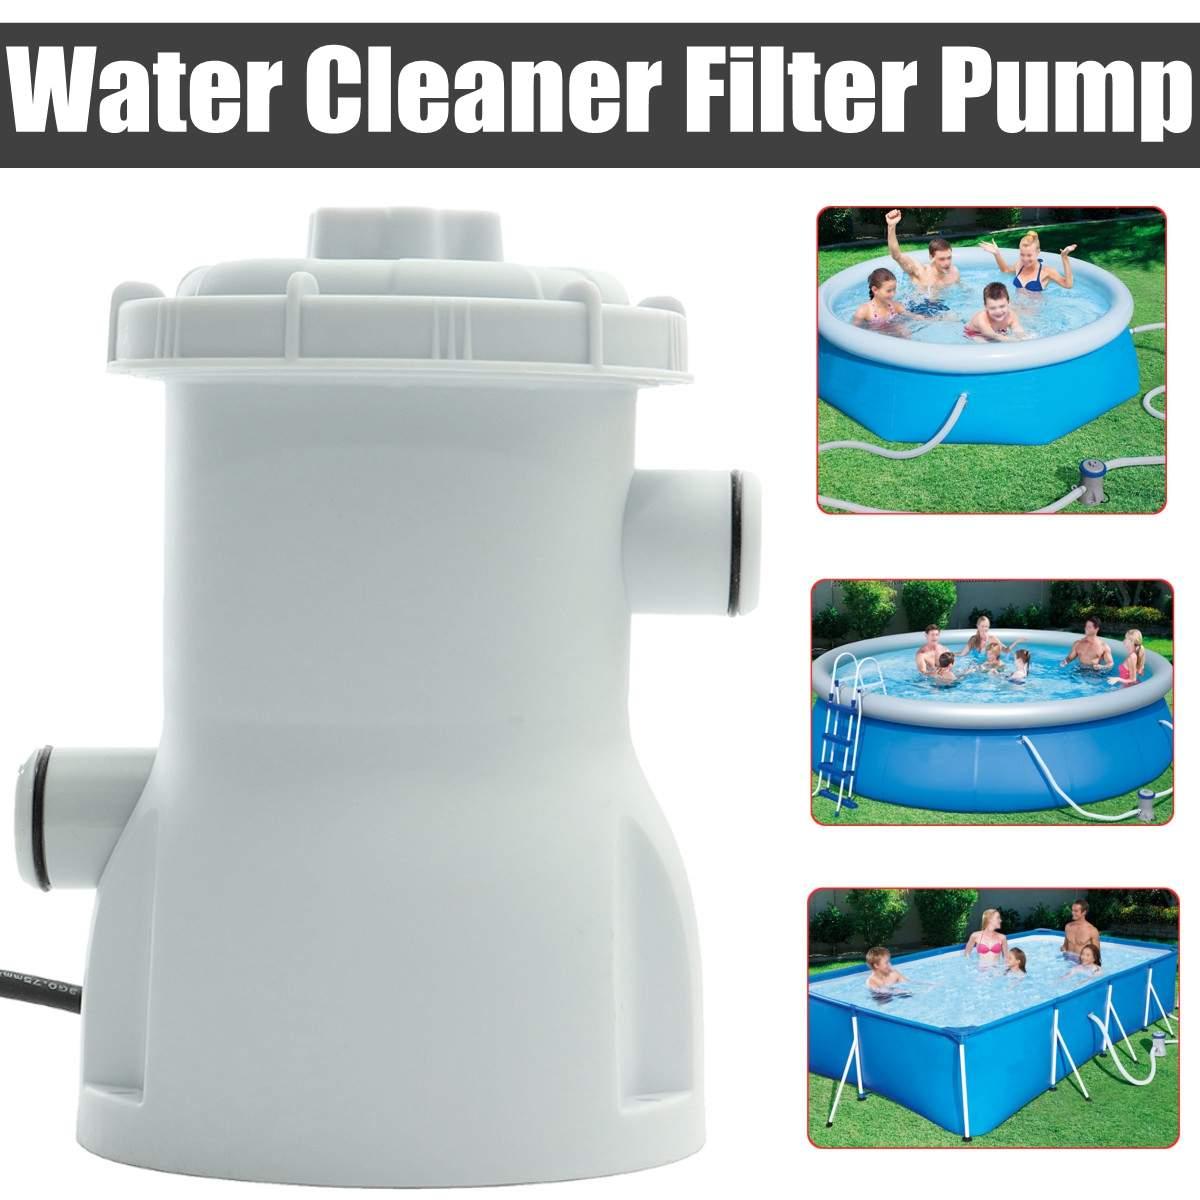 220 V électrique filtre pompe piscine filtre pompe eau propre claire sale piscine étang pompes piscine accessoires